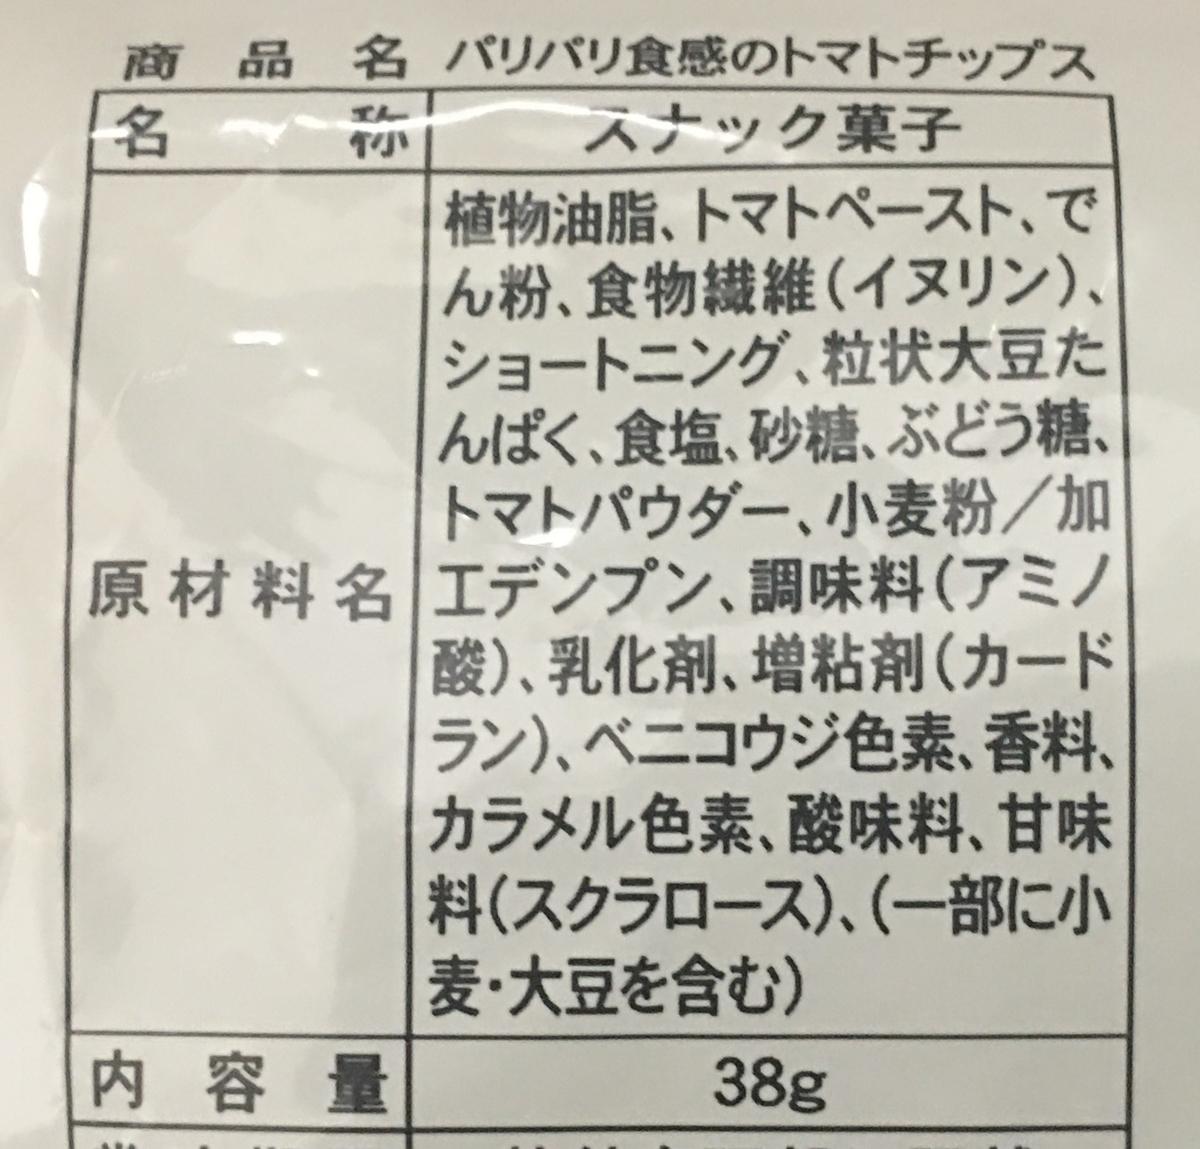 f:id:YOSHIO1010:20200208022736j:plain